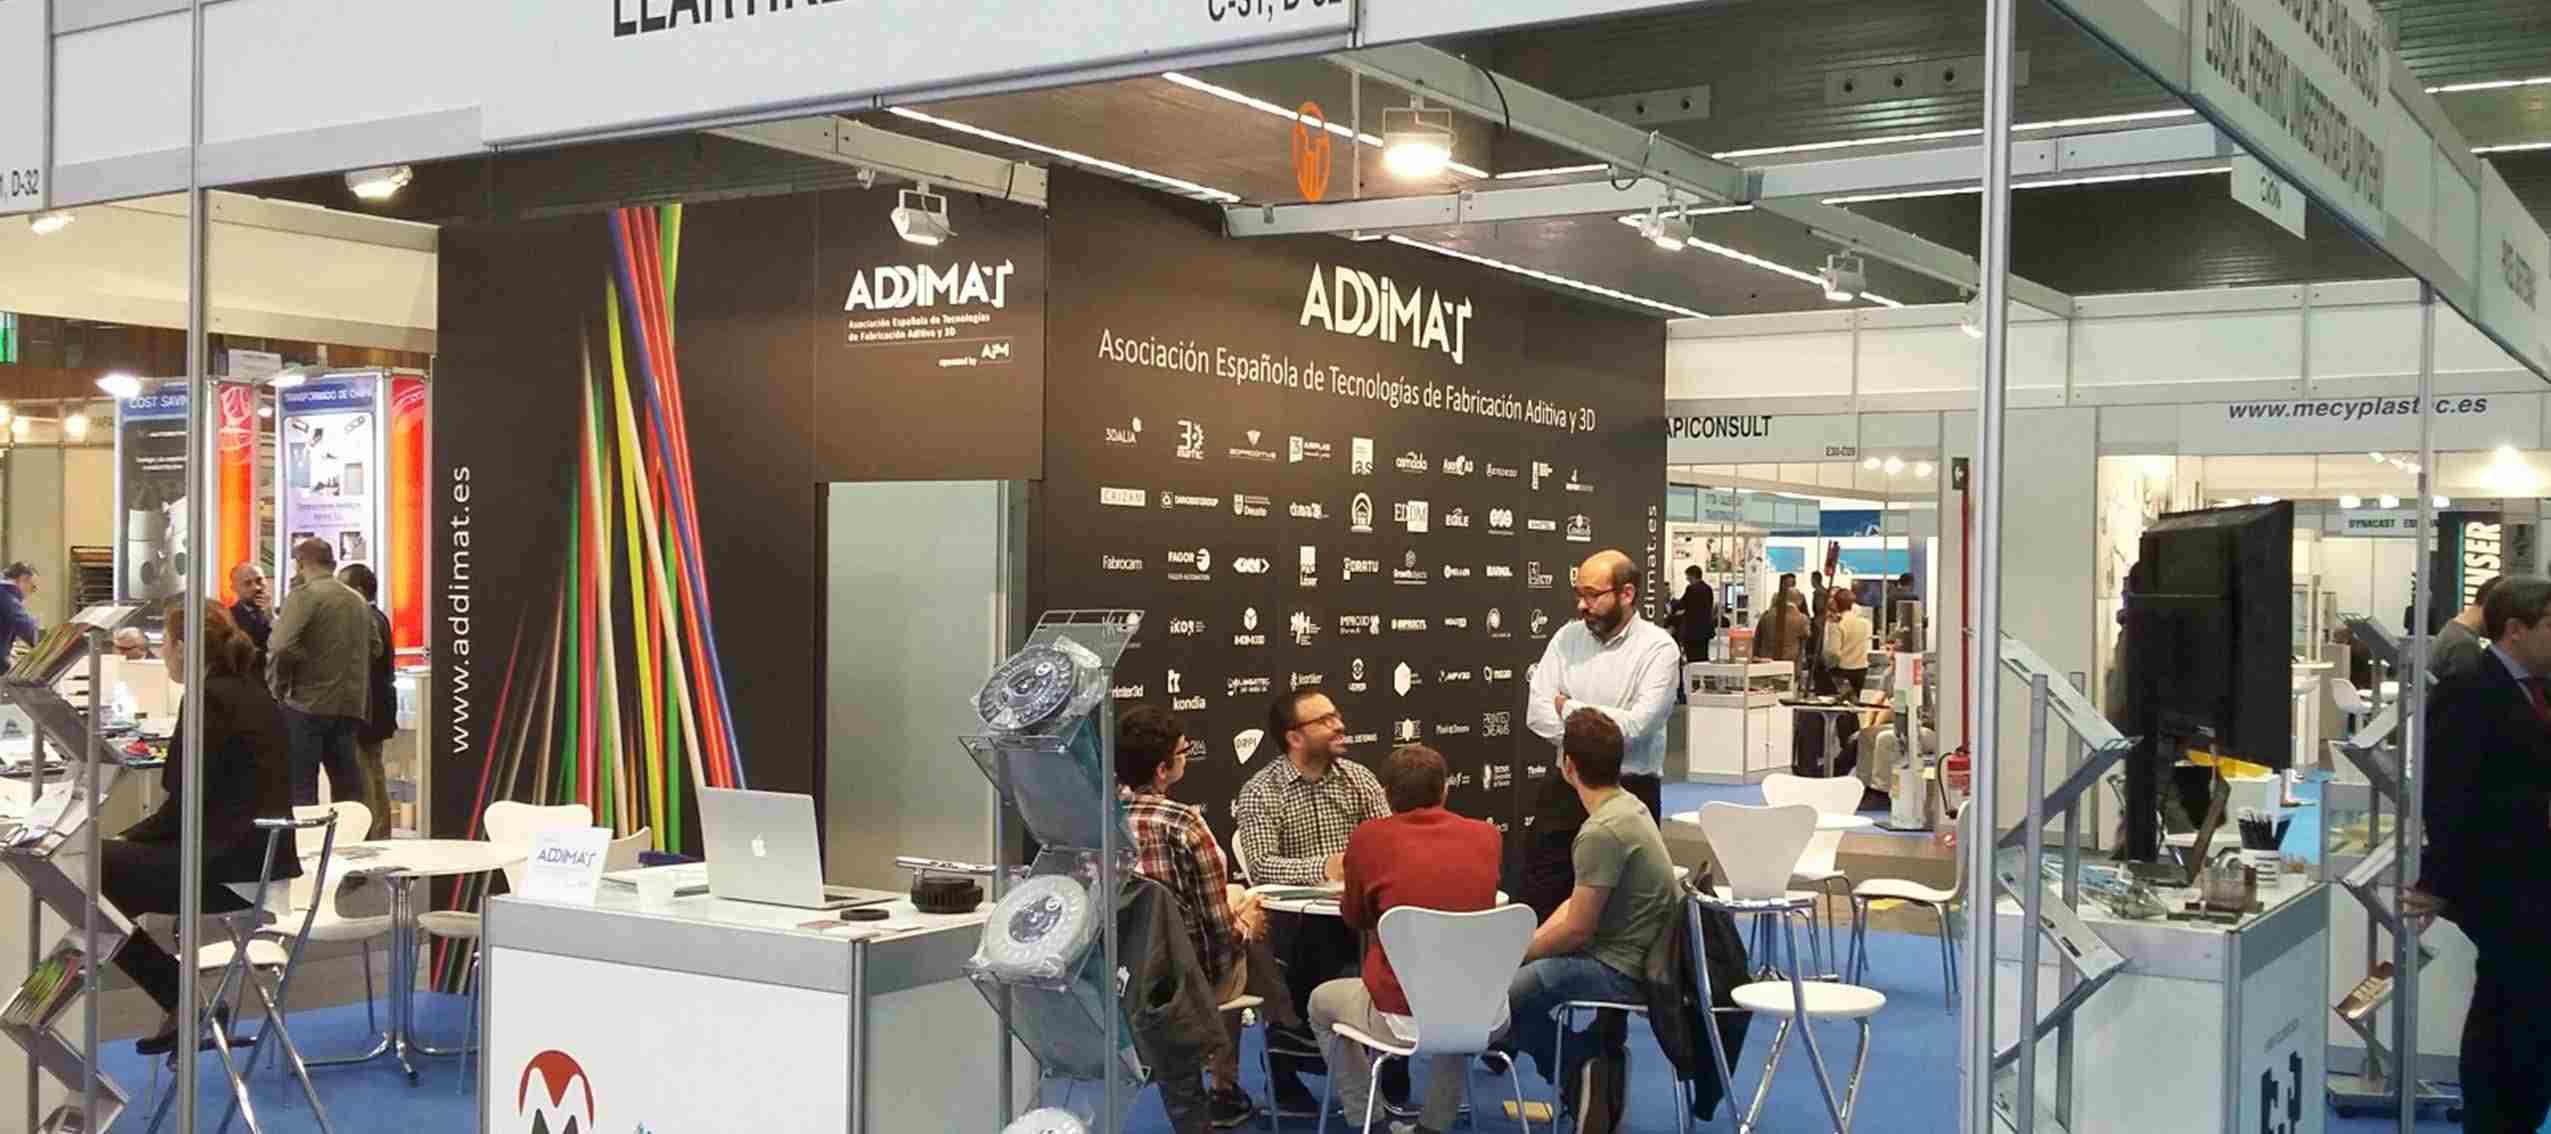 Vuelve ADDIT3D con nuevas soluciones